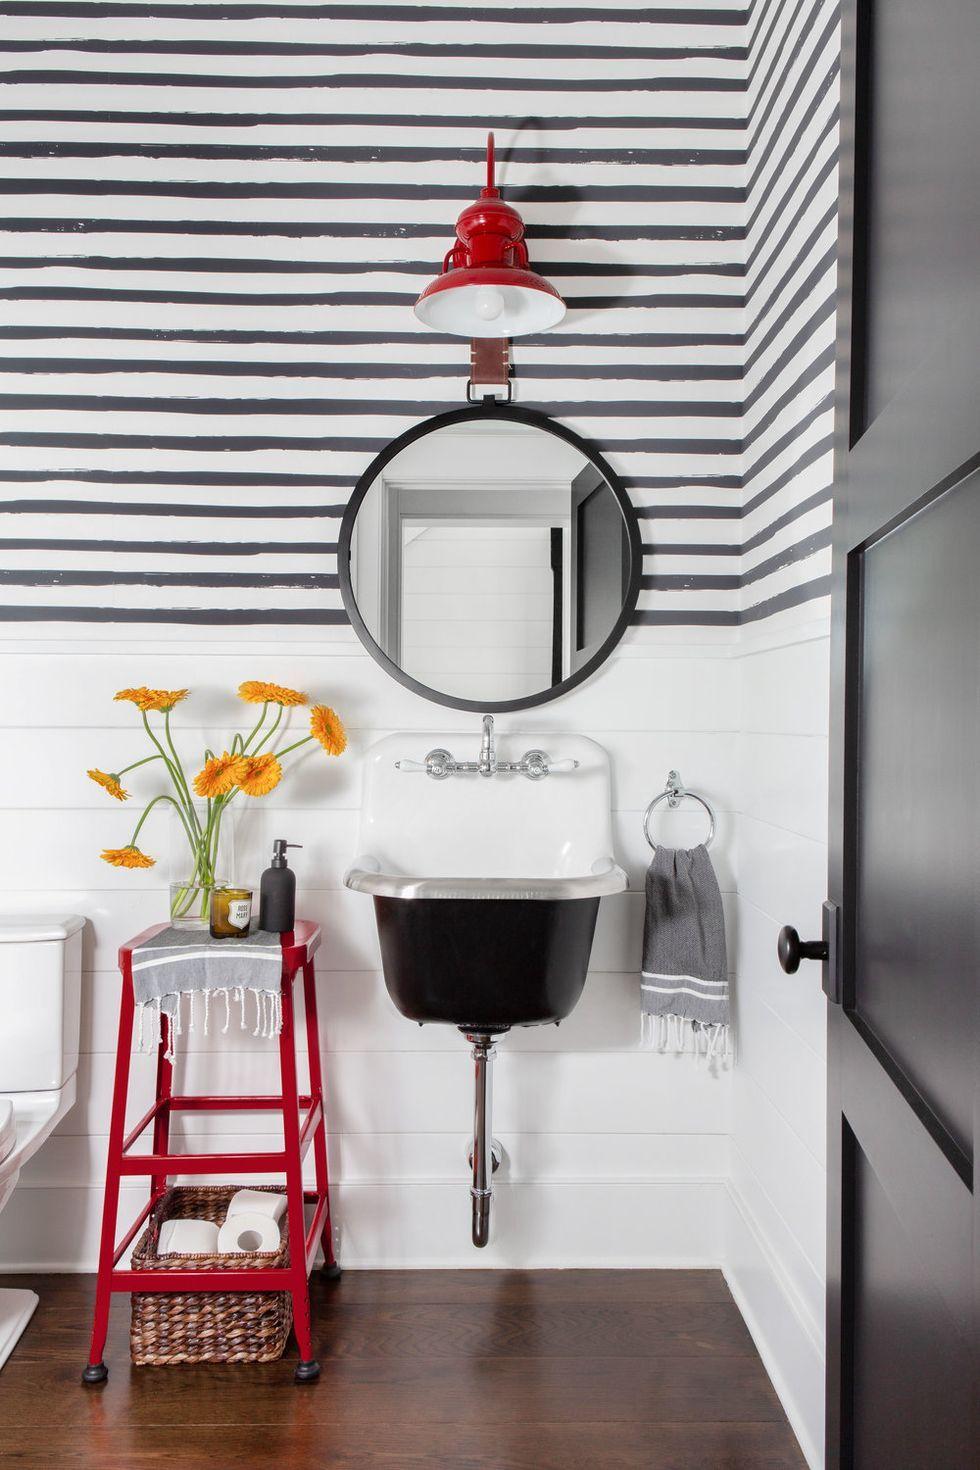 20 Best Farmhouse Bathroom Design Ideas, Modern Farmhouse Small Bathroom Ideas